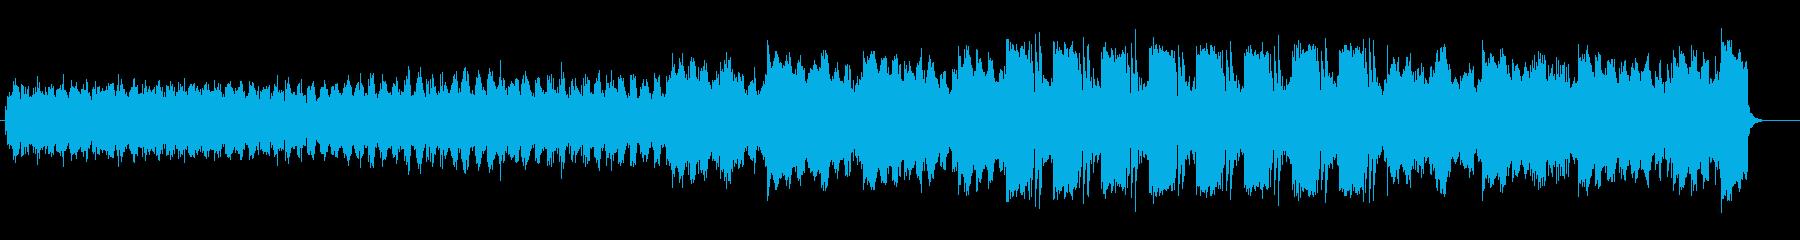 明るいリラクゼーションミュージックの再生済みの波形